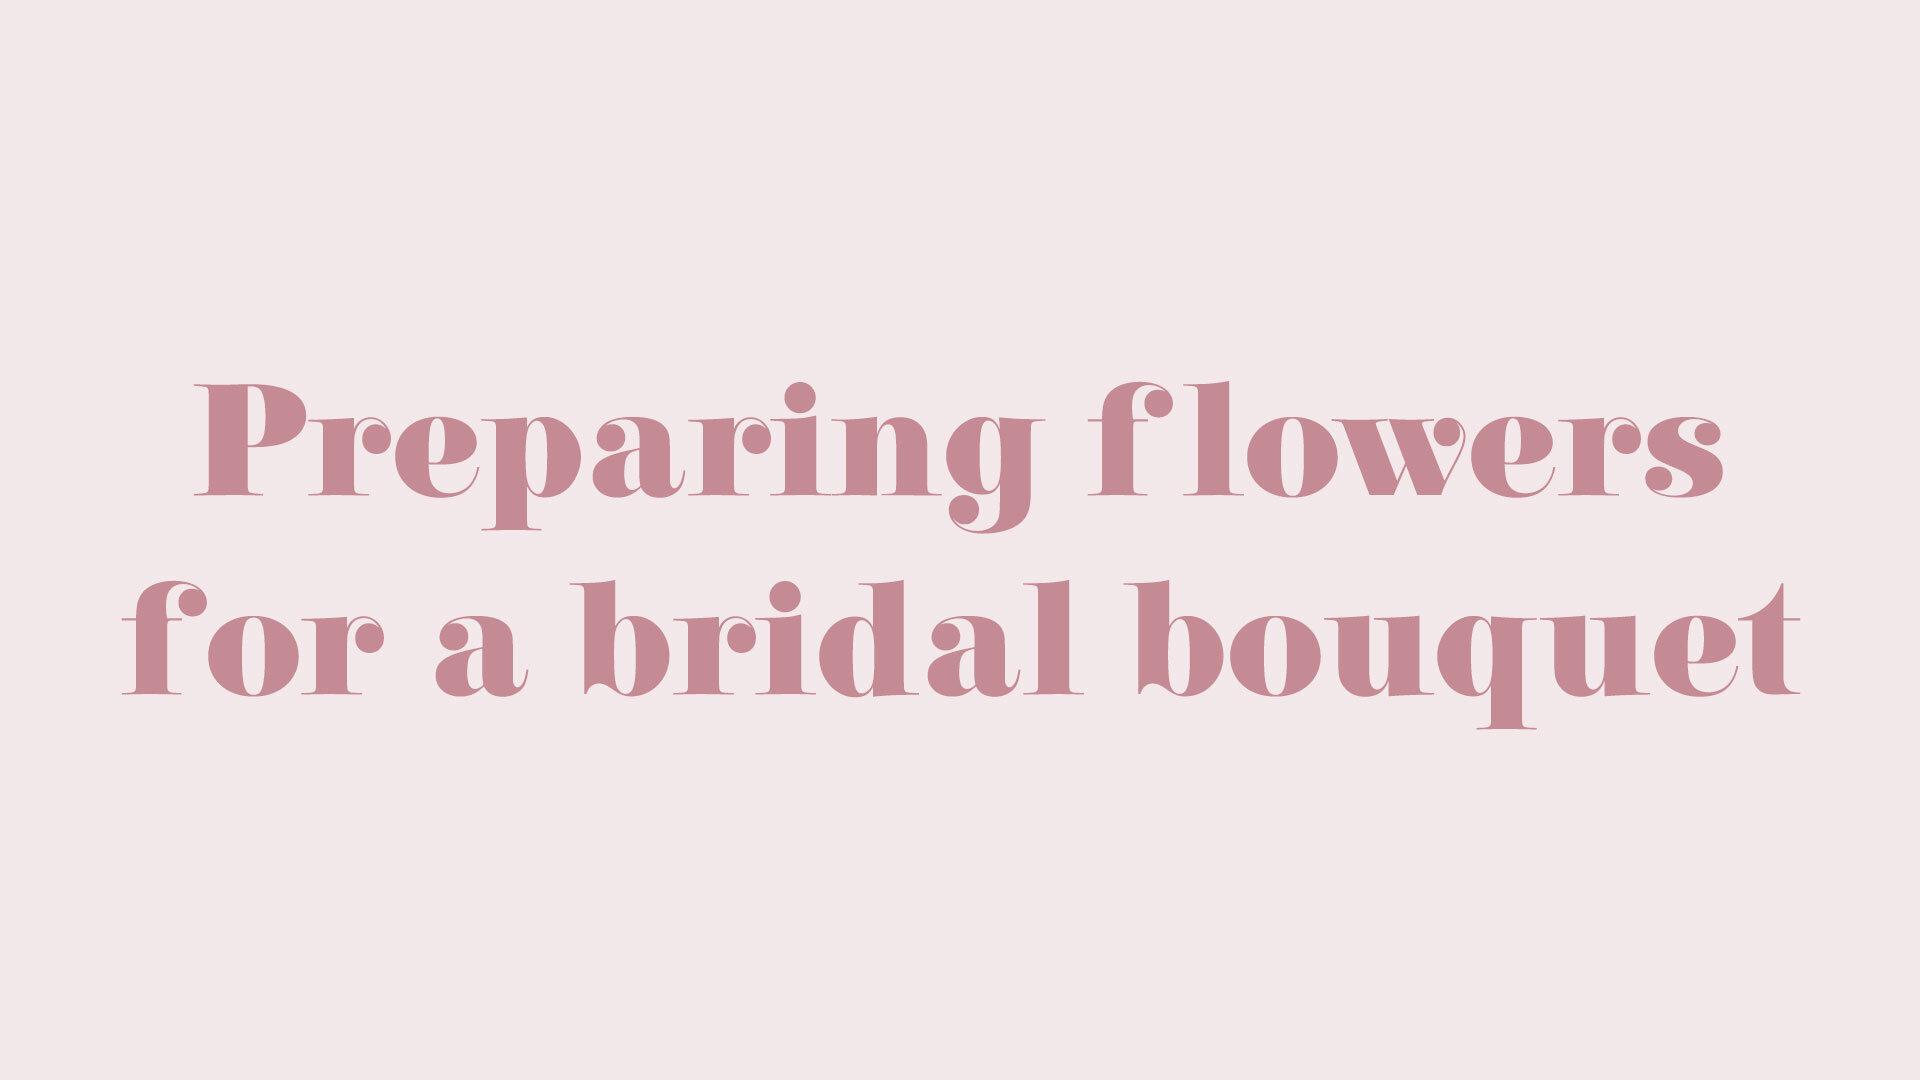 Title-PreparingforBridalBouquet.jpg